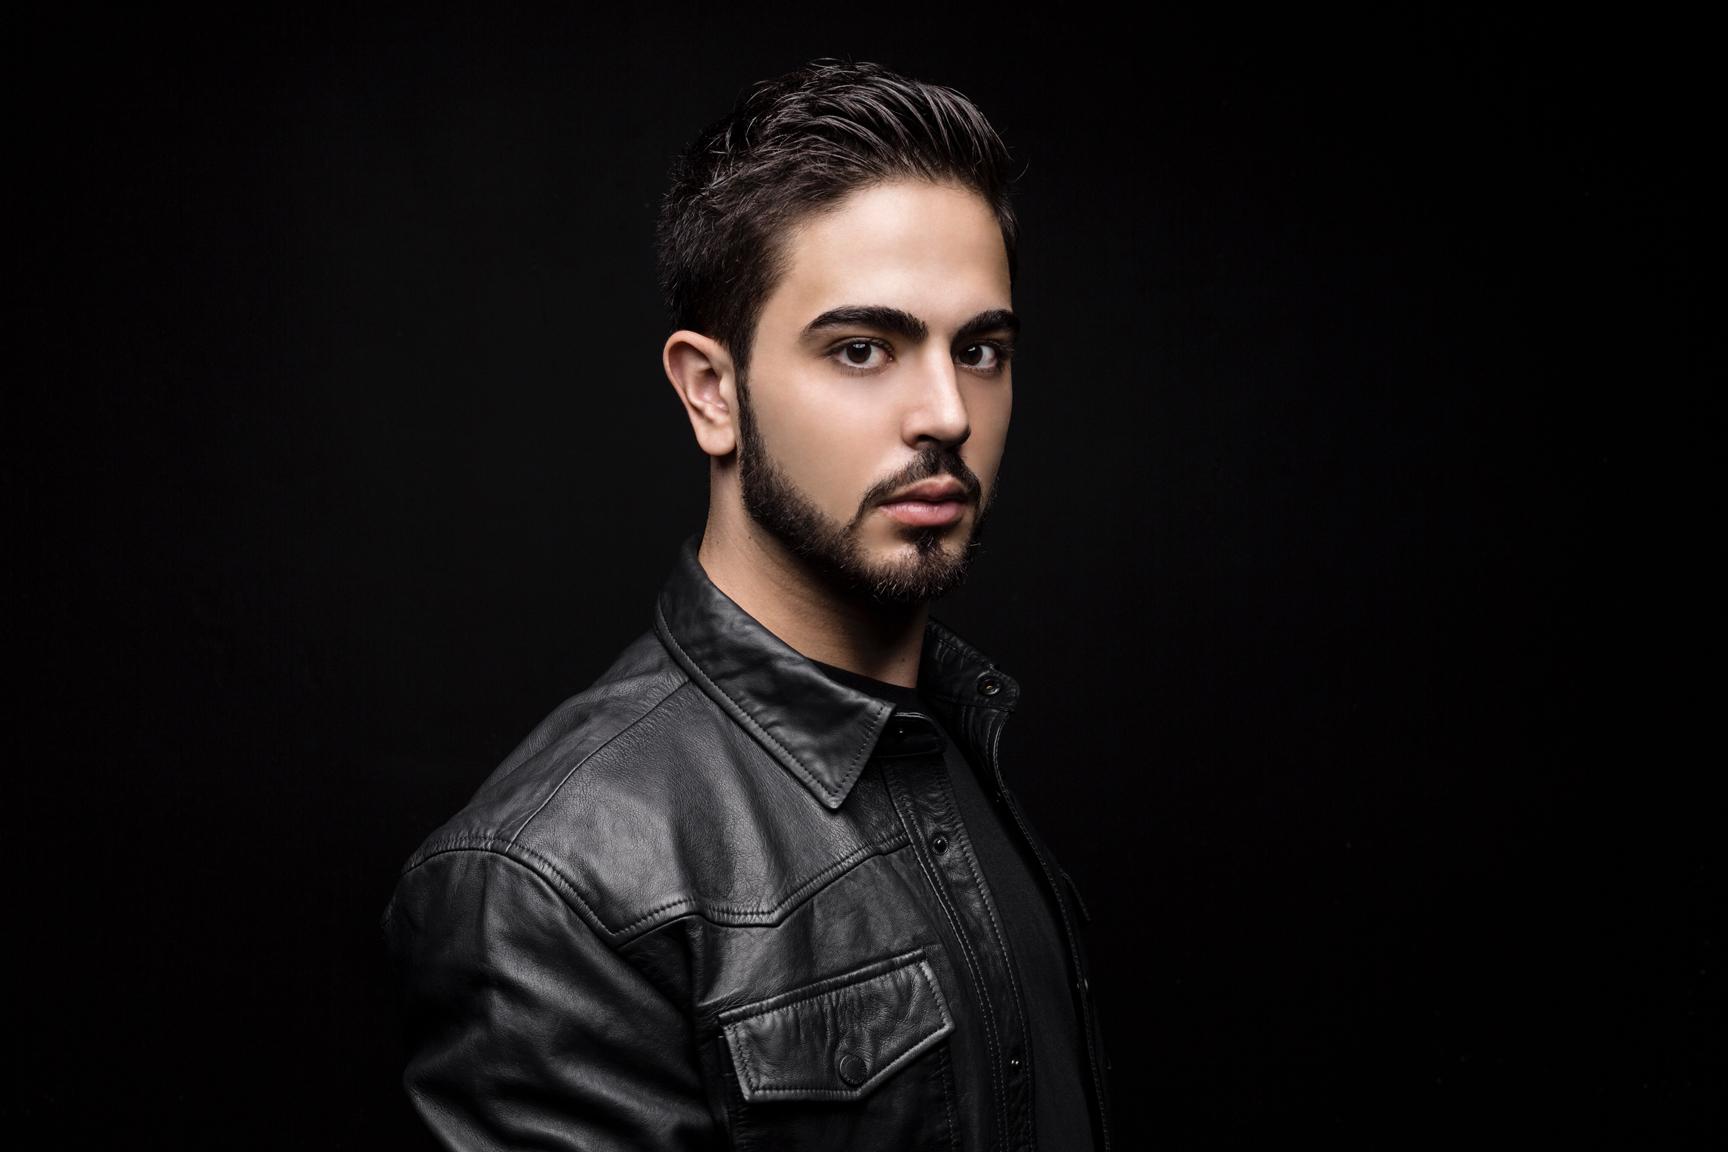 PREMIERE De forma independente Mister Ruiz apresenta 22Air in My Lungs22 com vocal poderoso e vibez dançantes